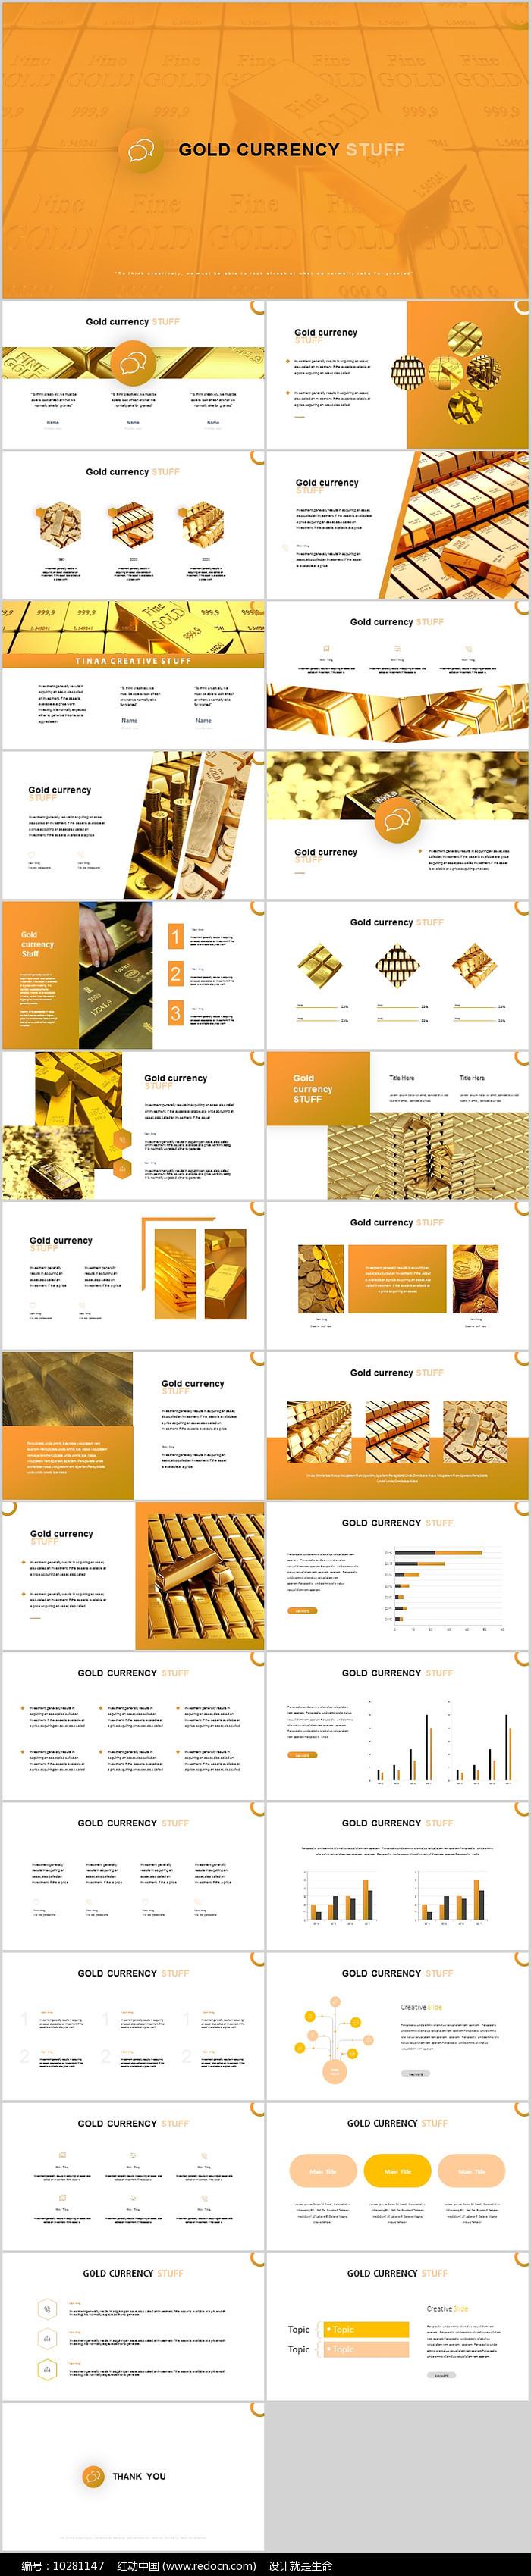 橙色金融黄金世界货币PPT模板图片